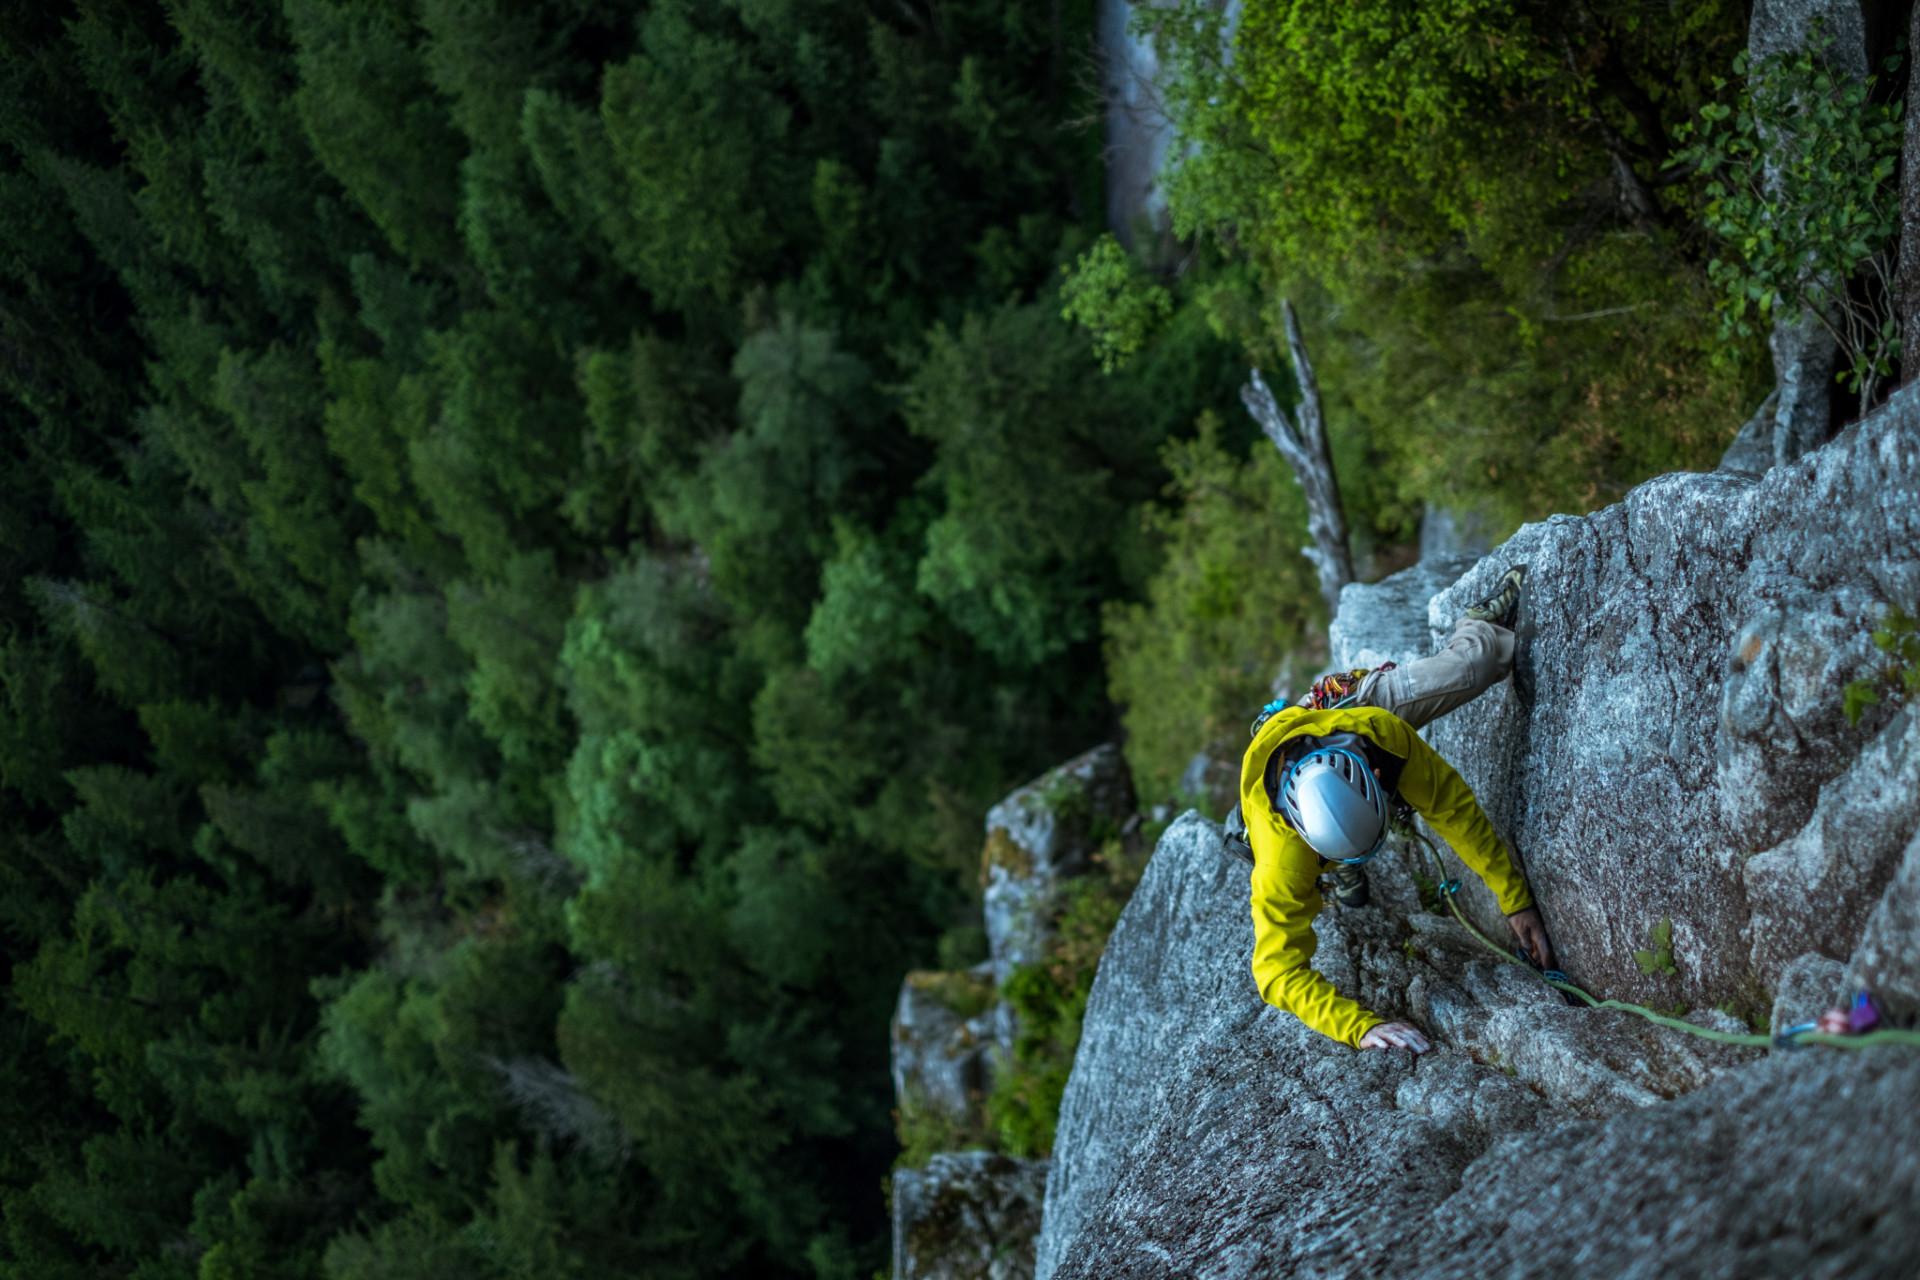 Klettern einer Mehrseillänge